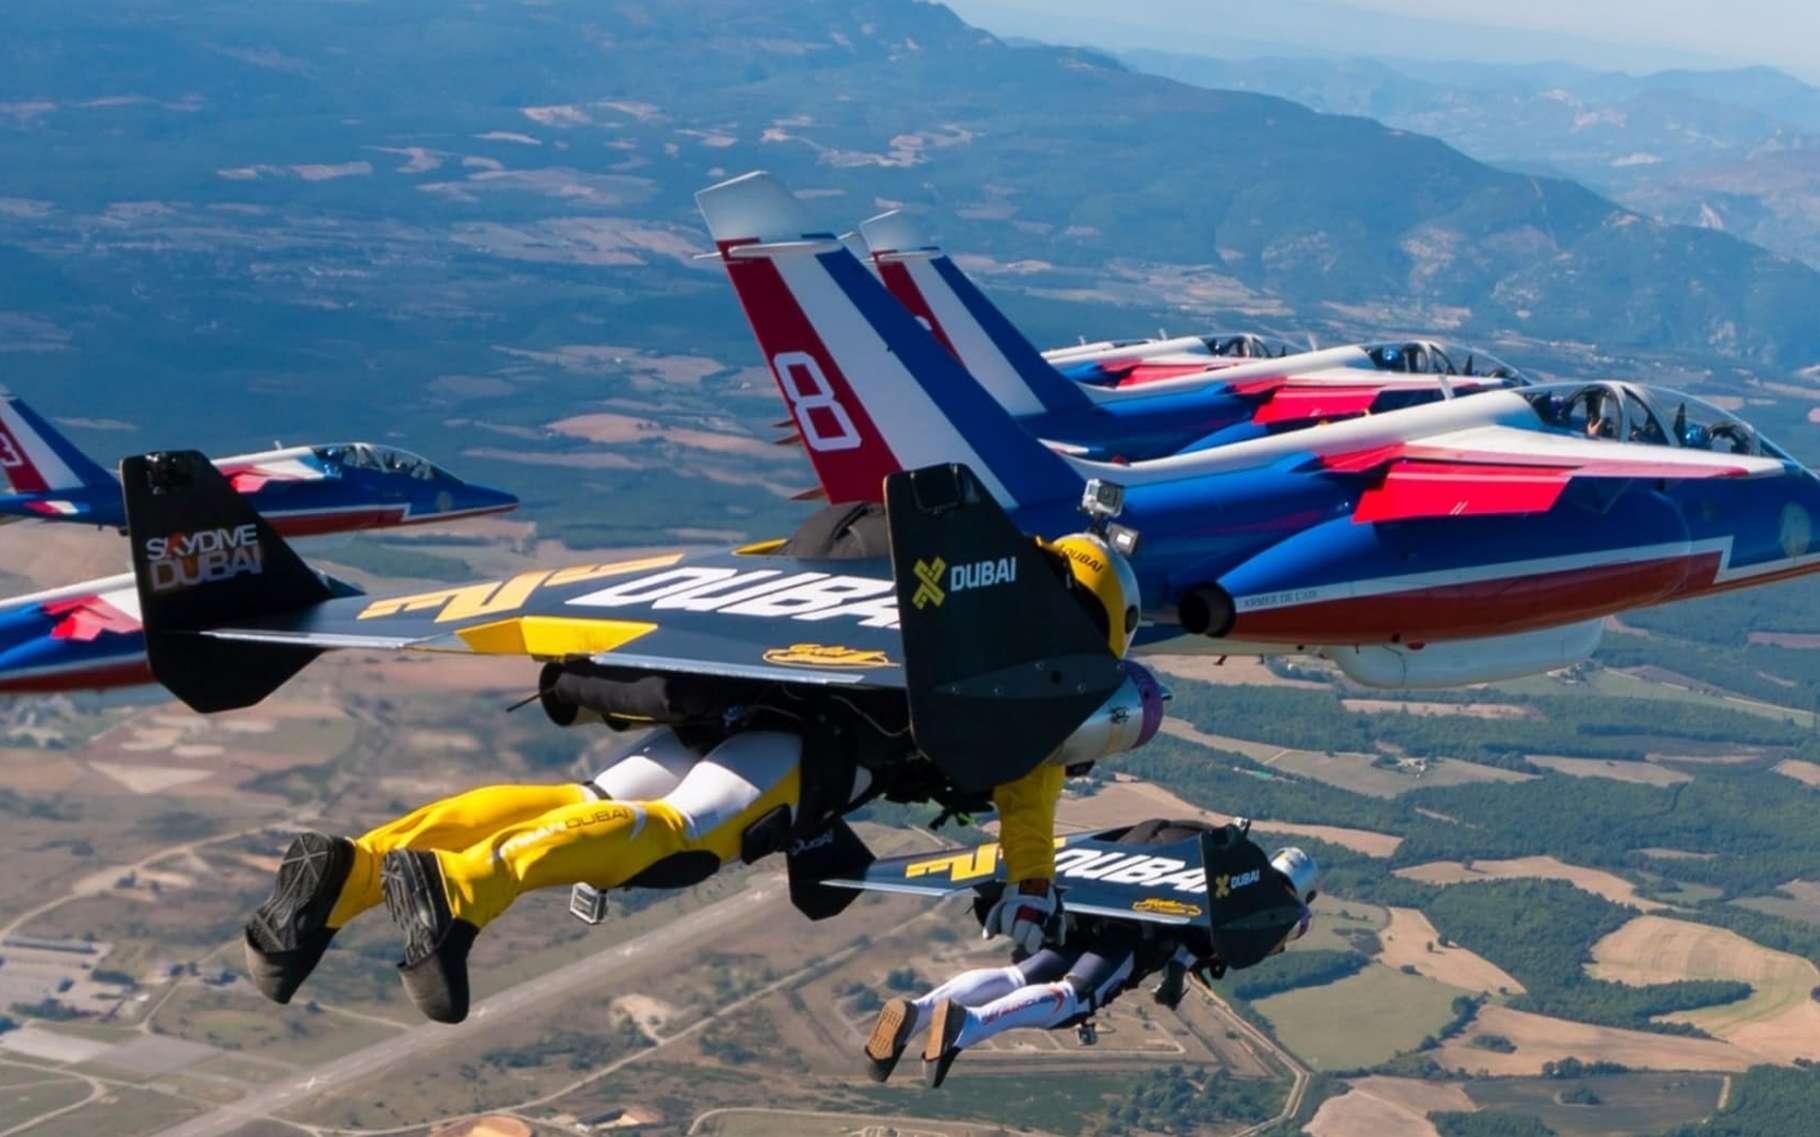 Jetman Trois Hommes Volent Avec La Patrouille De France